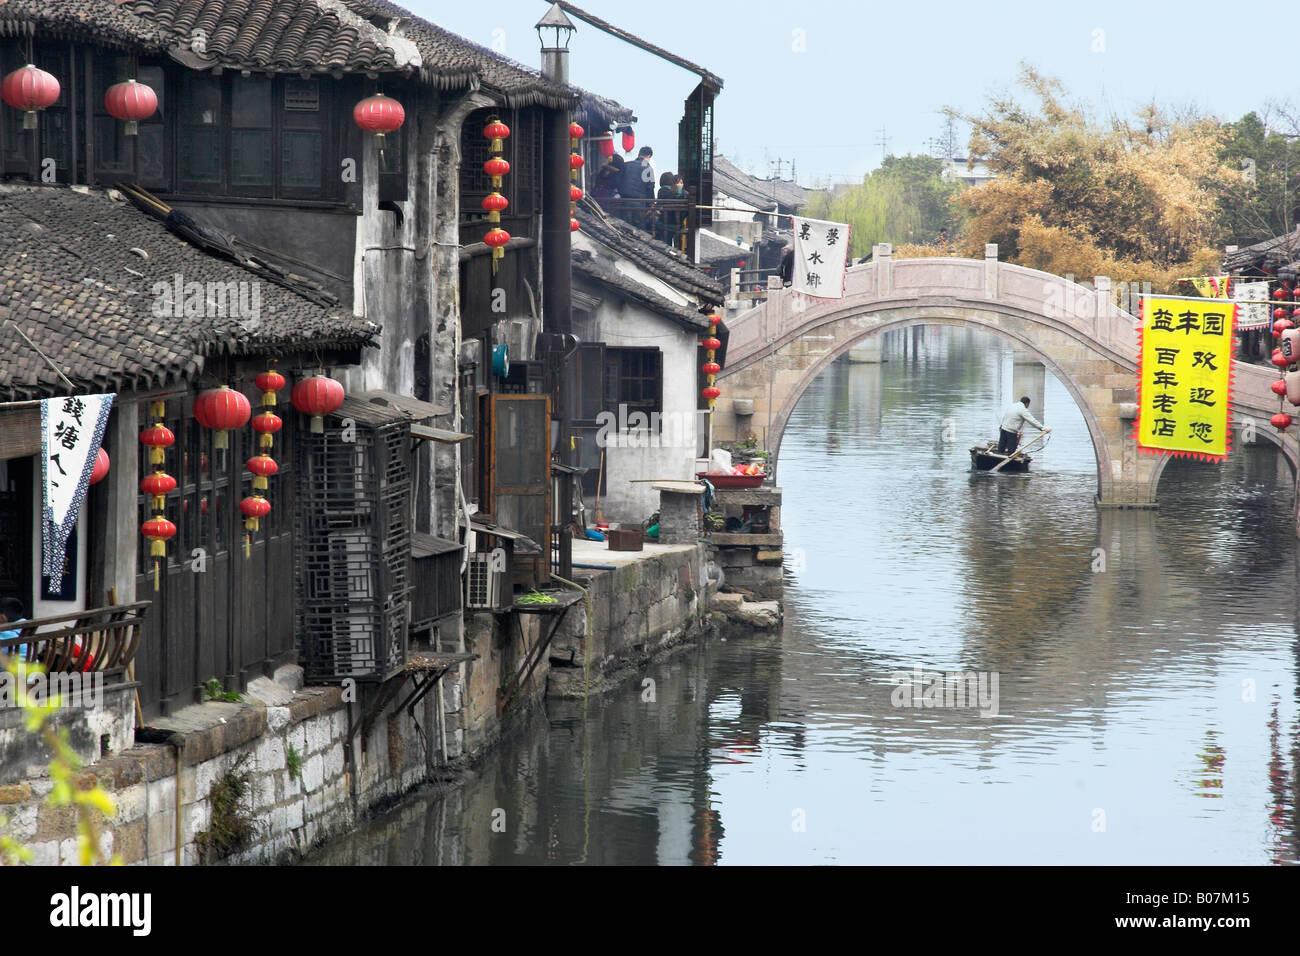 Canal Bridge At Xitang China - Stock Image